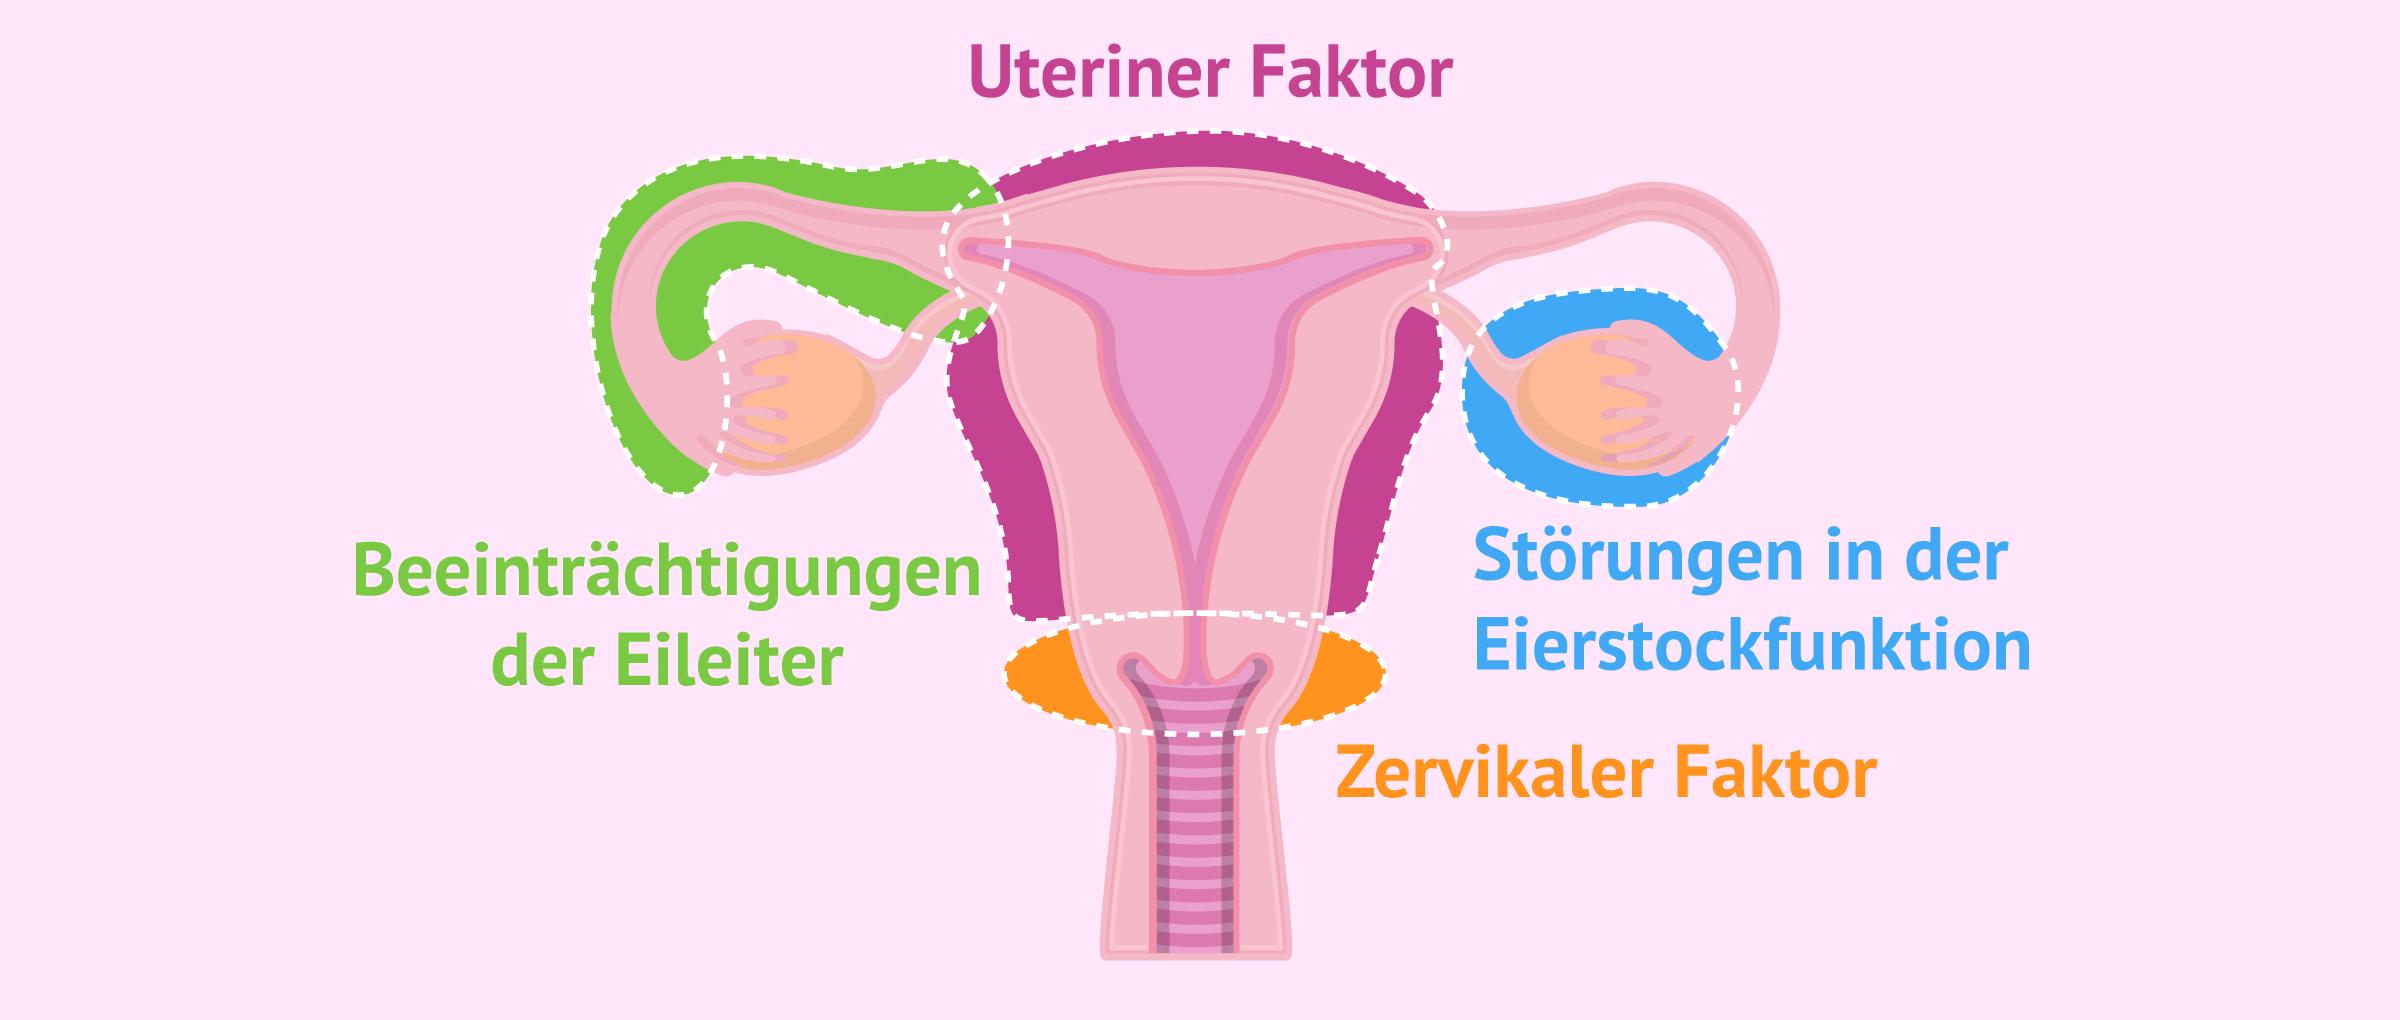 Ursachen weiblicher Sterilität